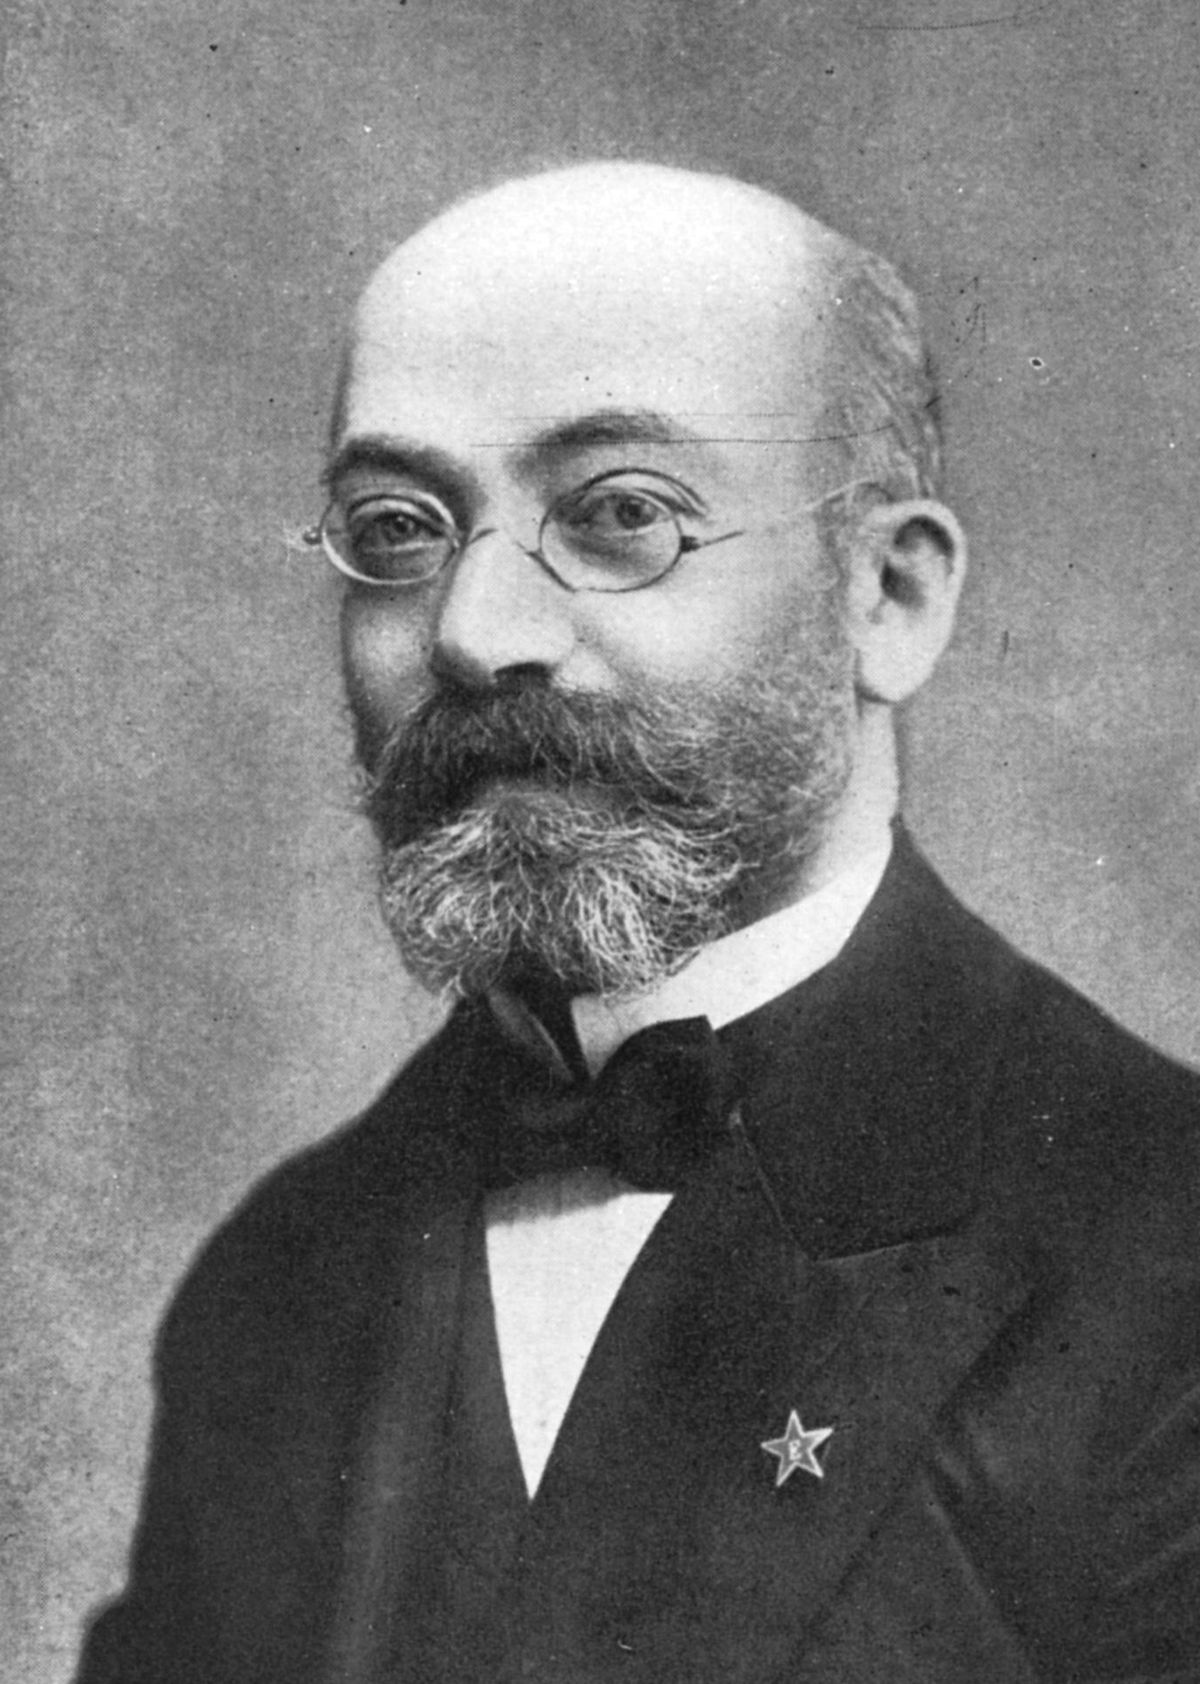 O criador do esperanto: Ludwig Zamenhof, em 1908.